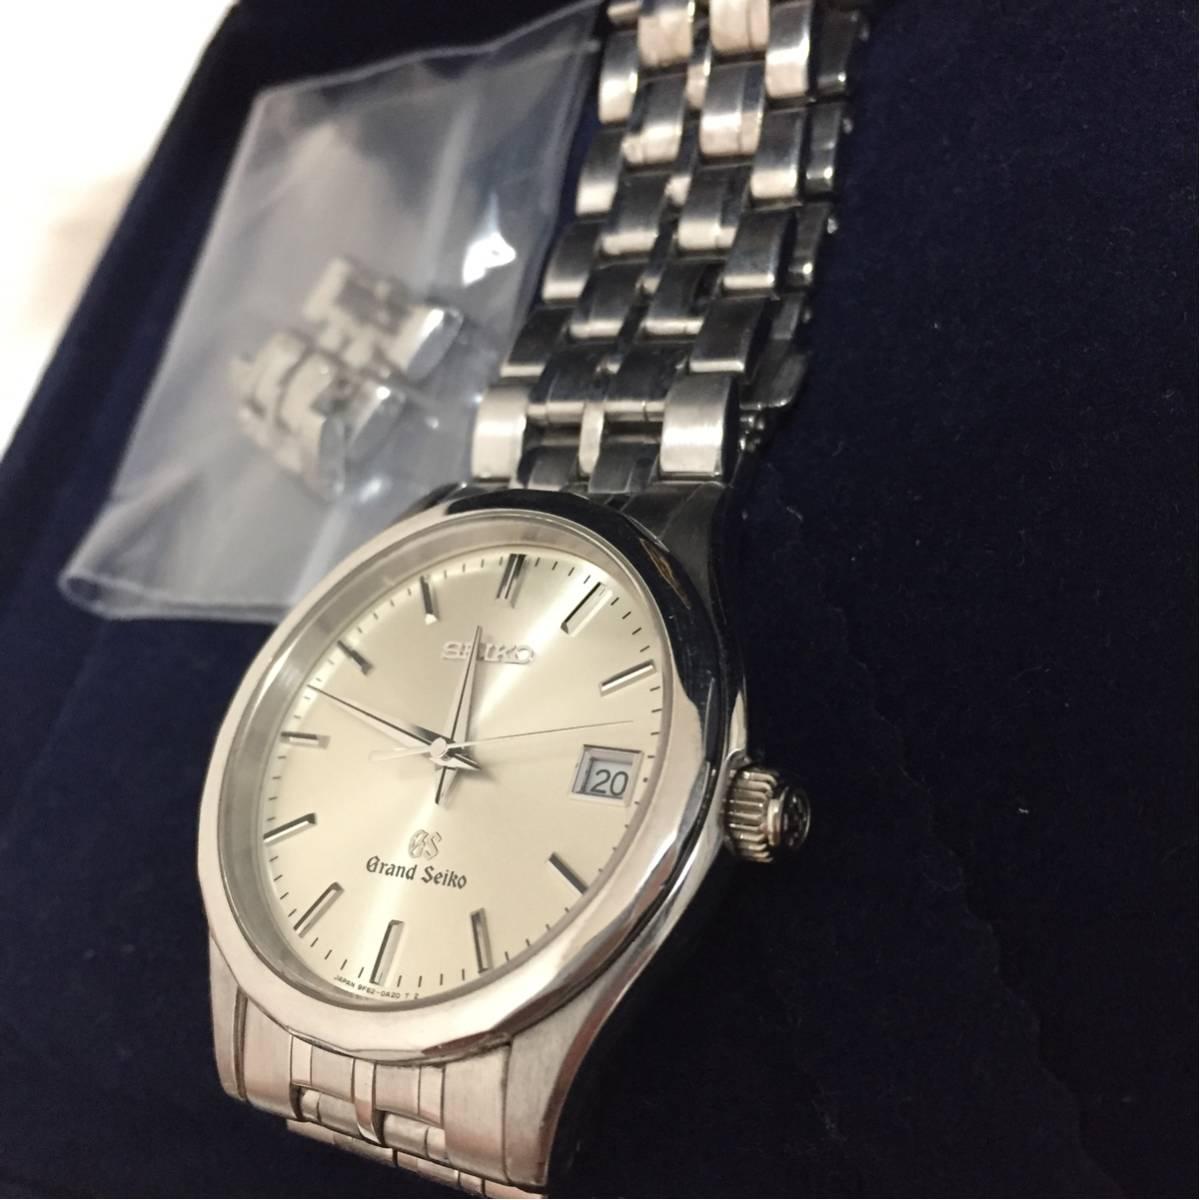 Grand Seiko グランドセイコー 18Kホワイトゴールド SBGX019 グランドセイコー最高峰モデル 正規品 WG無垢腕時計_画像2